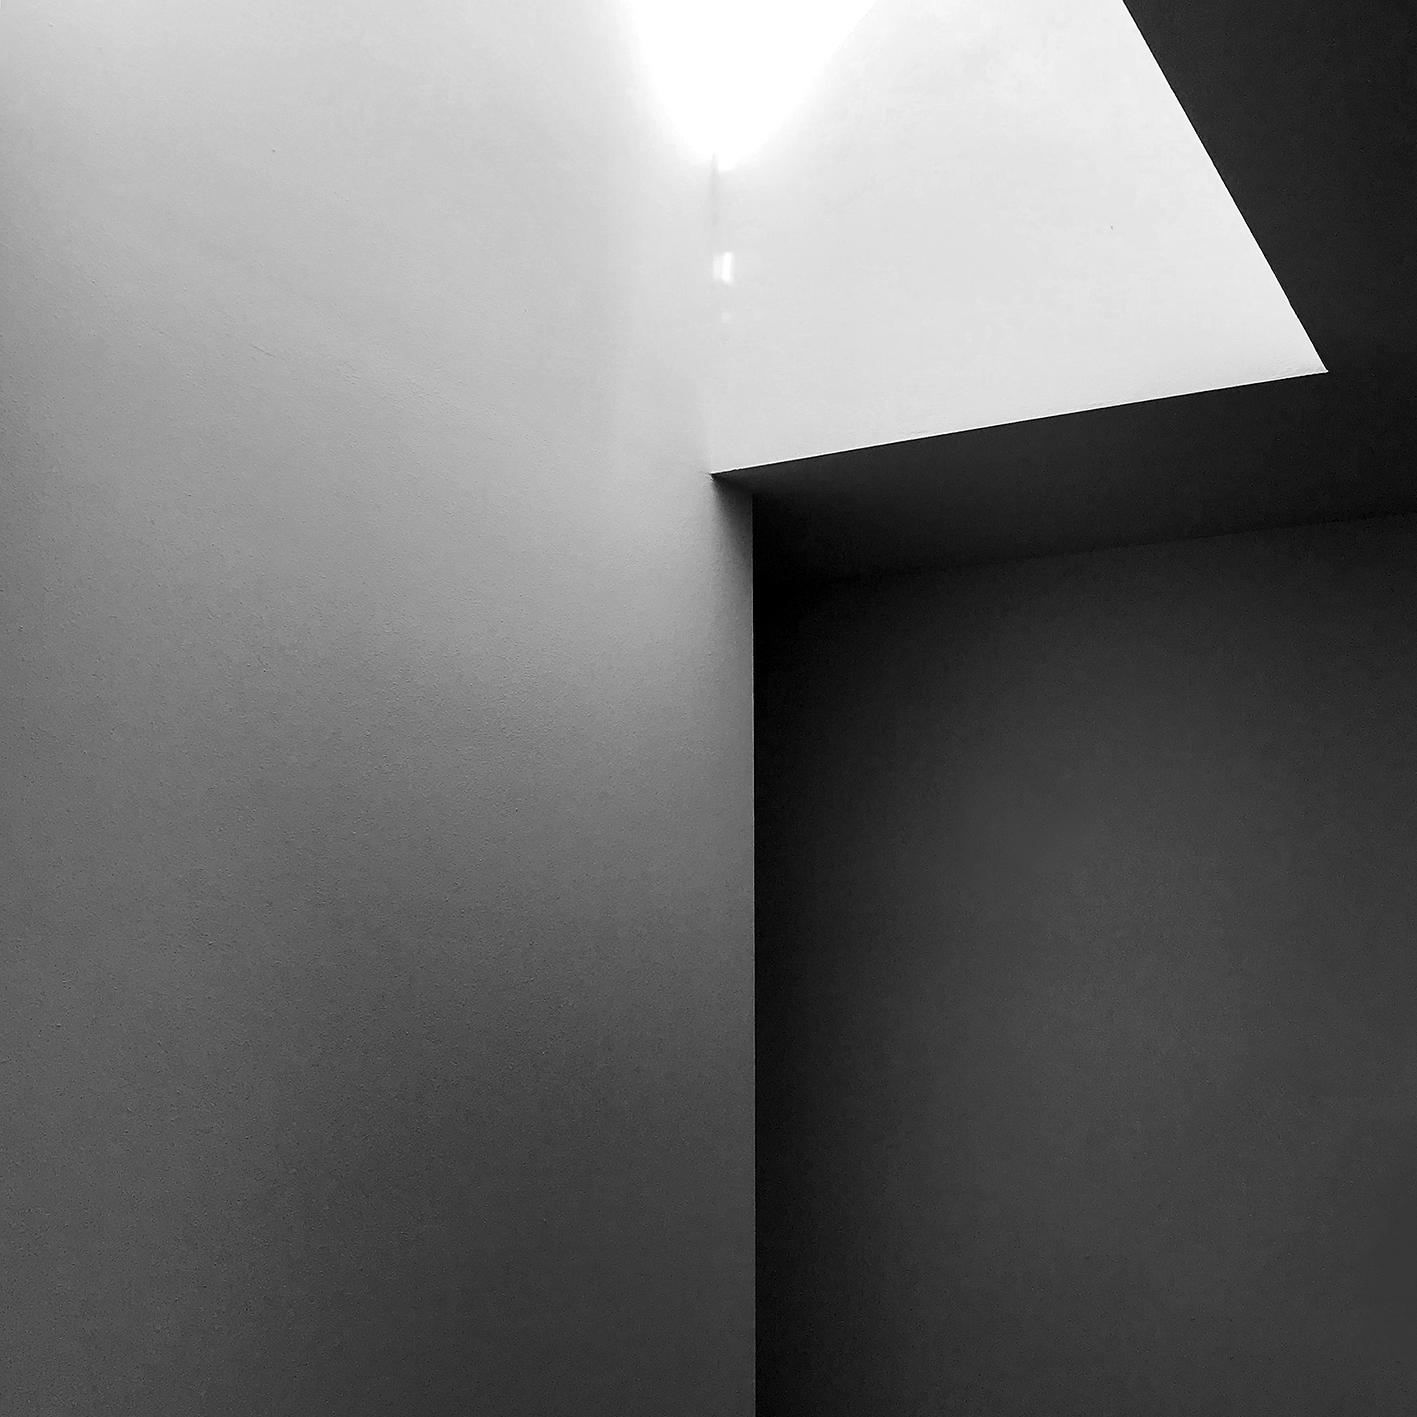 Fotografia di un dettaglio architettonico interno